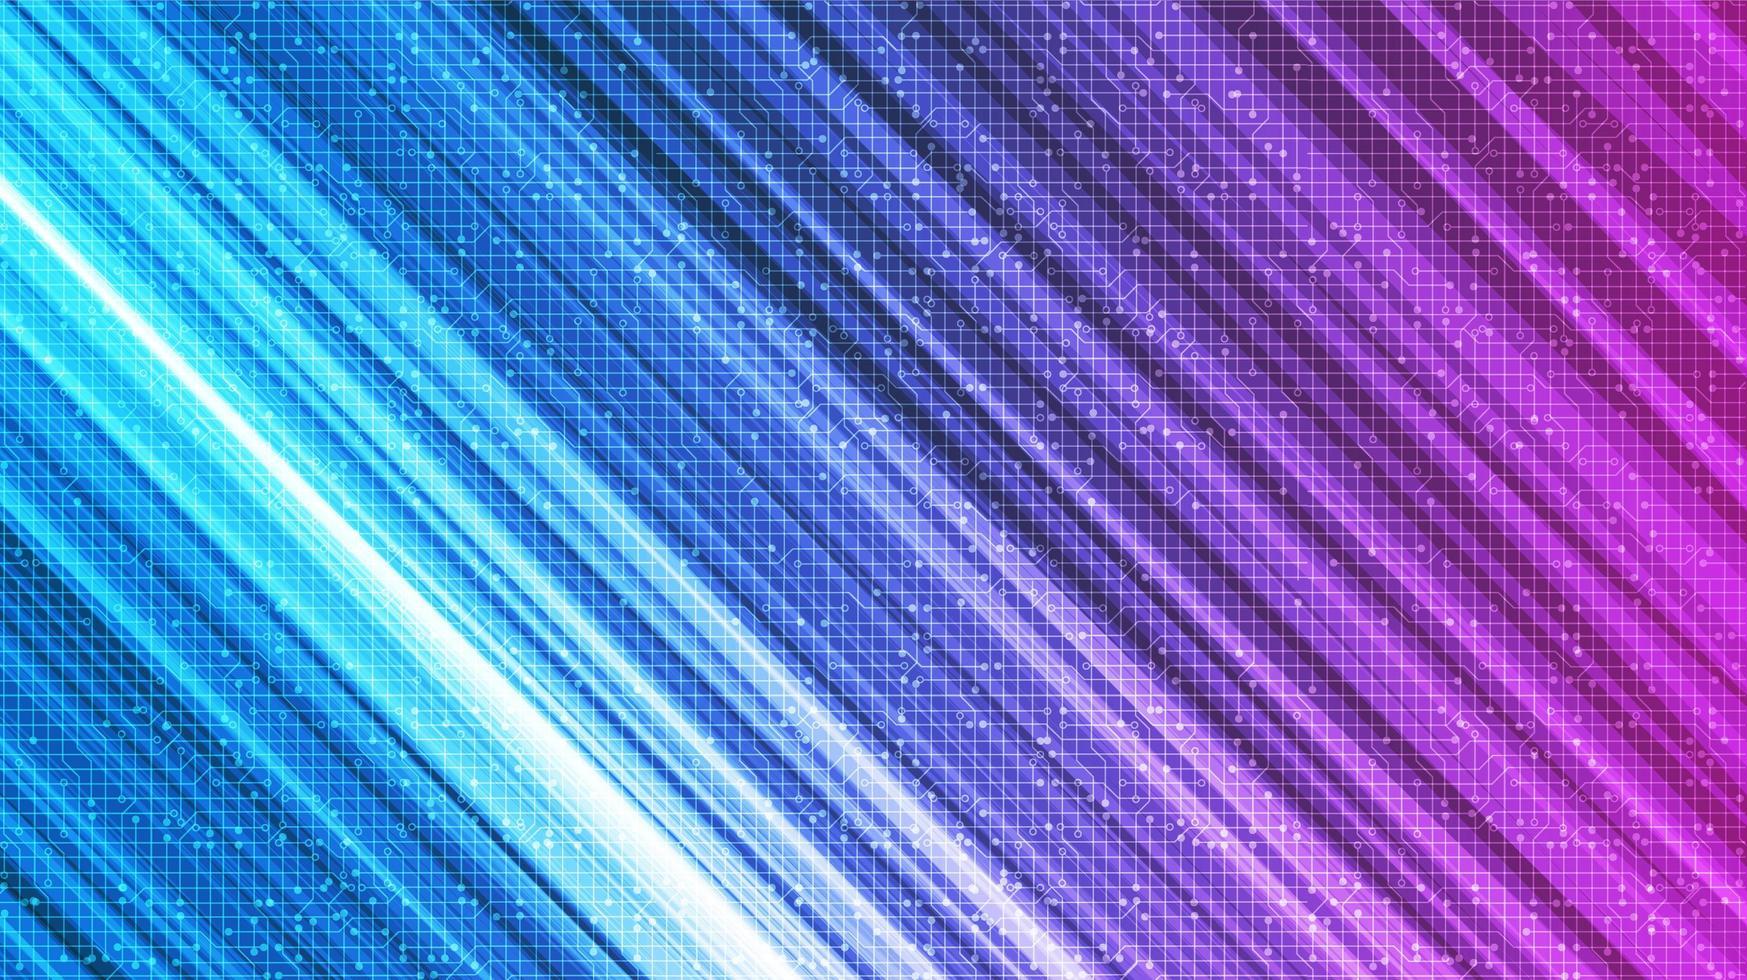 Fondo de tecnología de luz de velocidad, diseño de concepto digital y de comunicación de alta tecnología vector